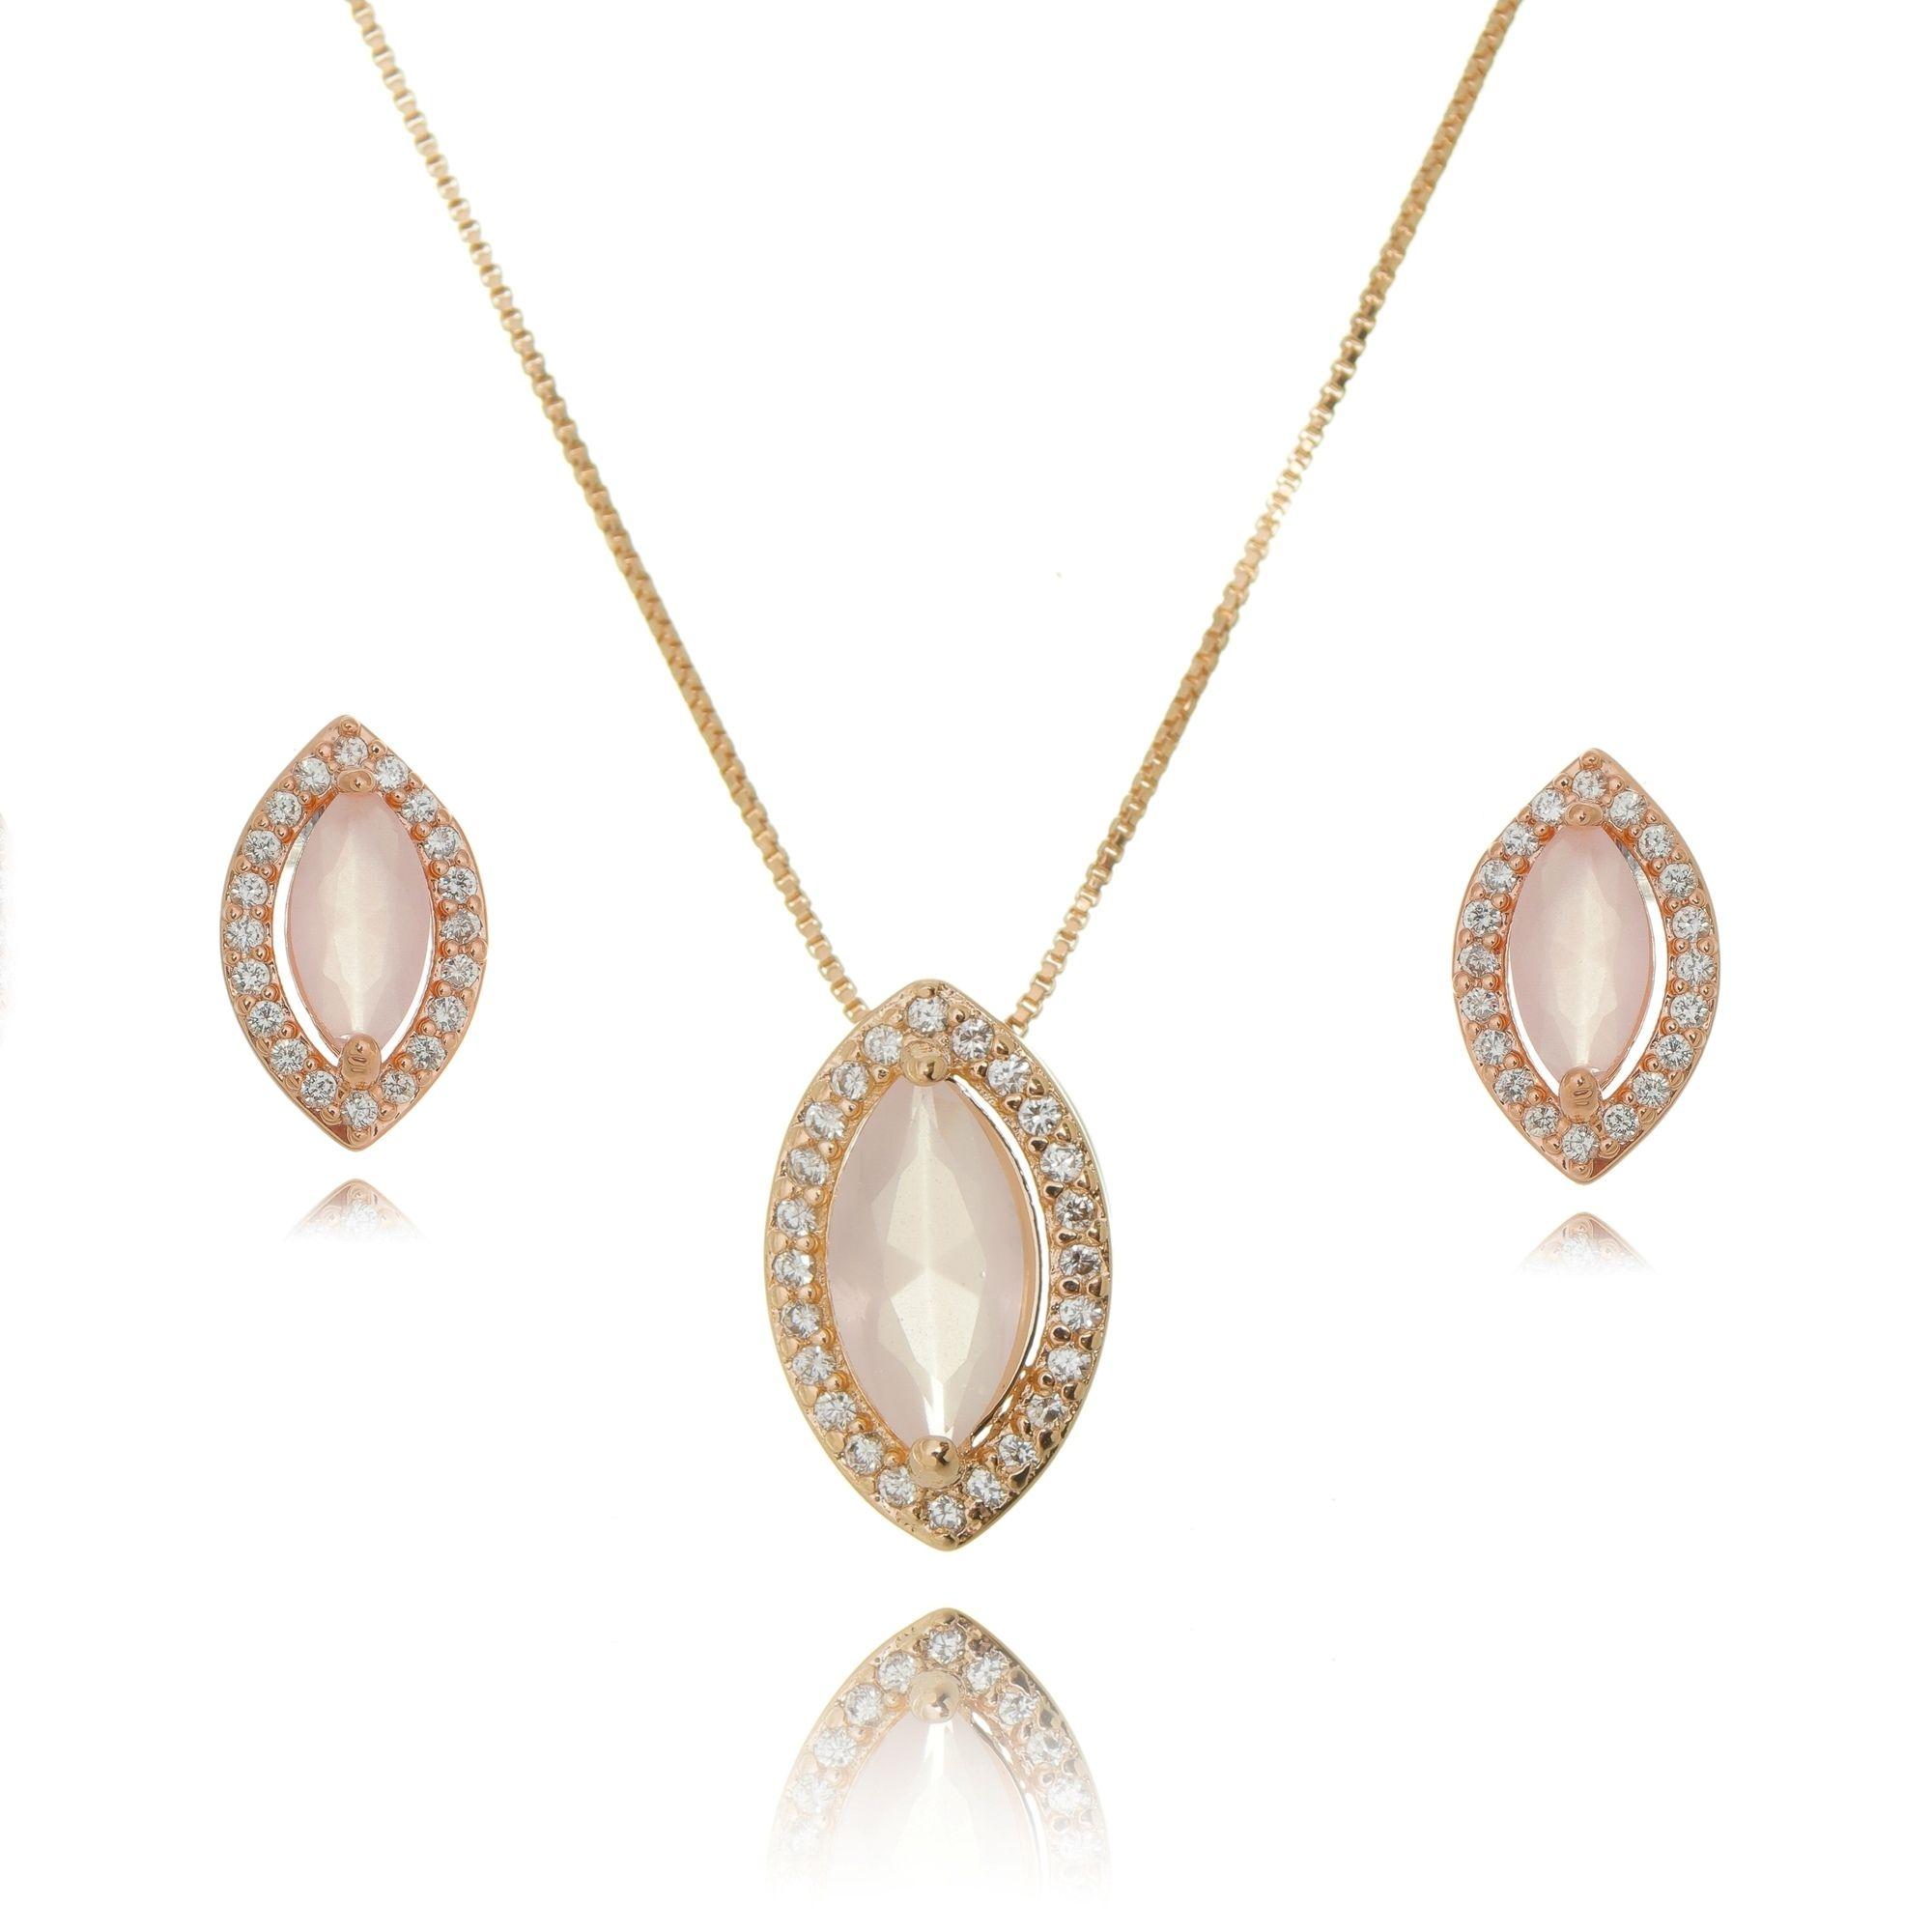 Brinco e Colar Quartzo Rosa Navete e Zircônia Cristal Ouro Rosé Semijoia  - Soloyou